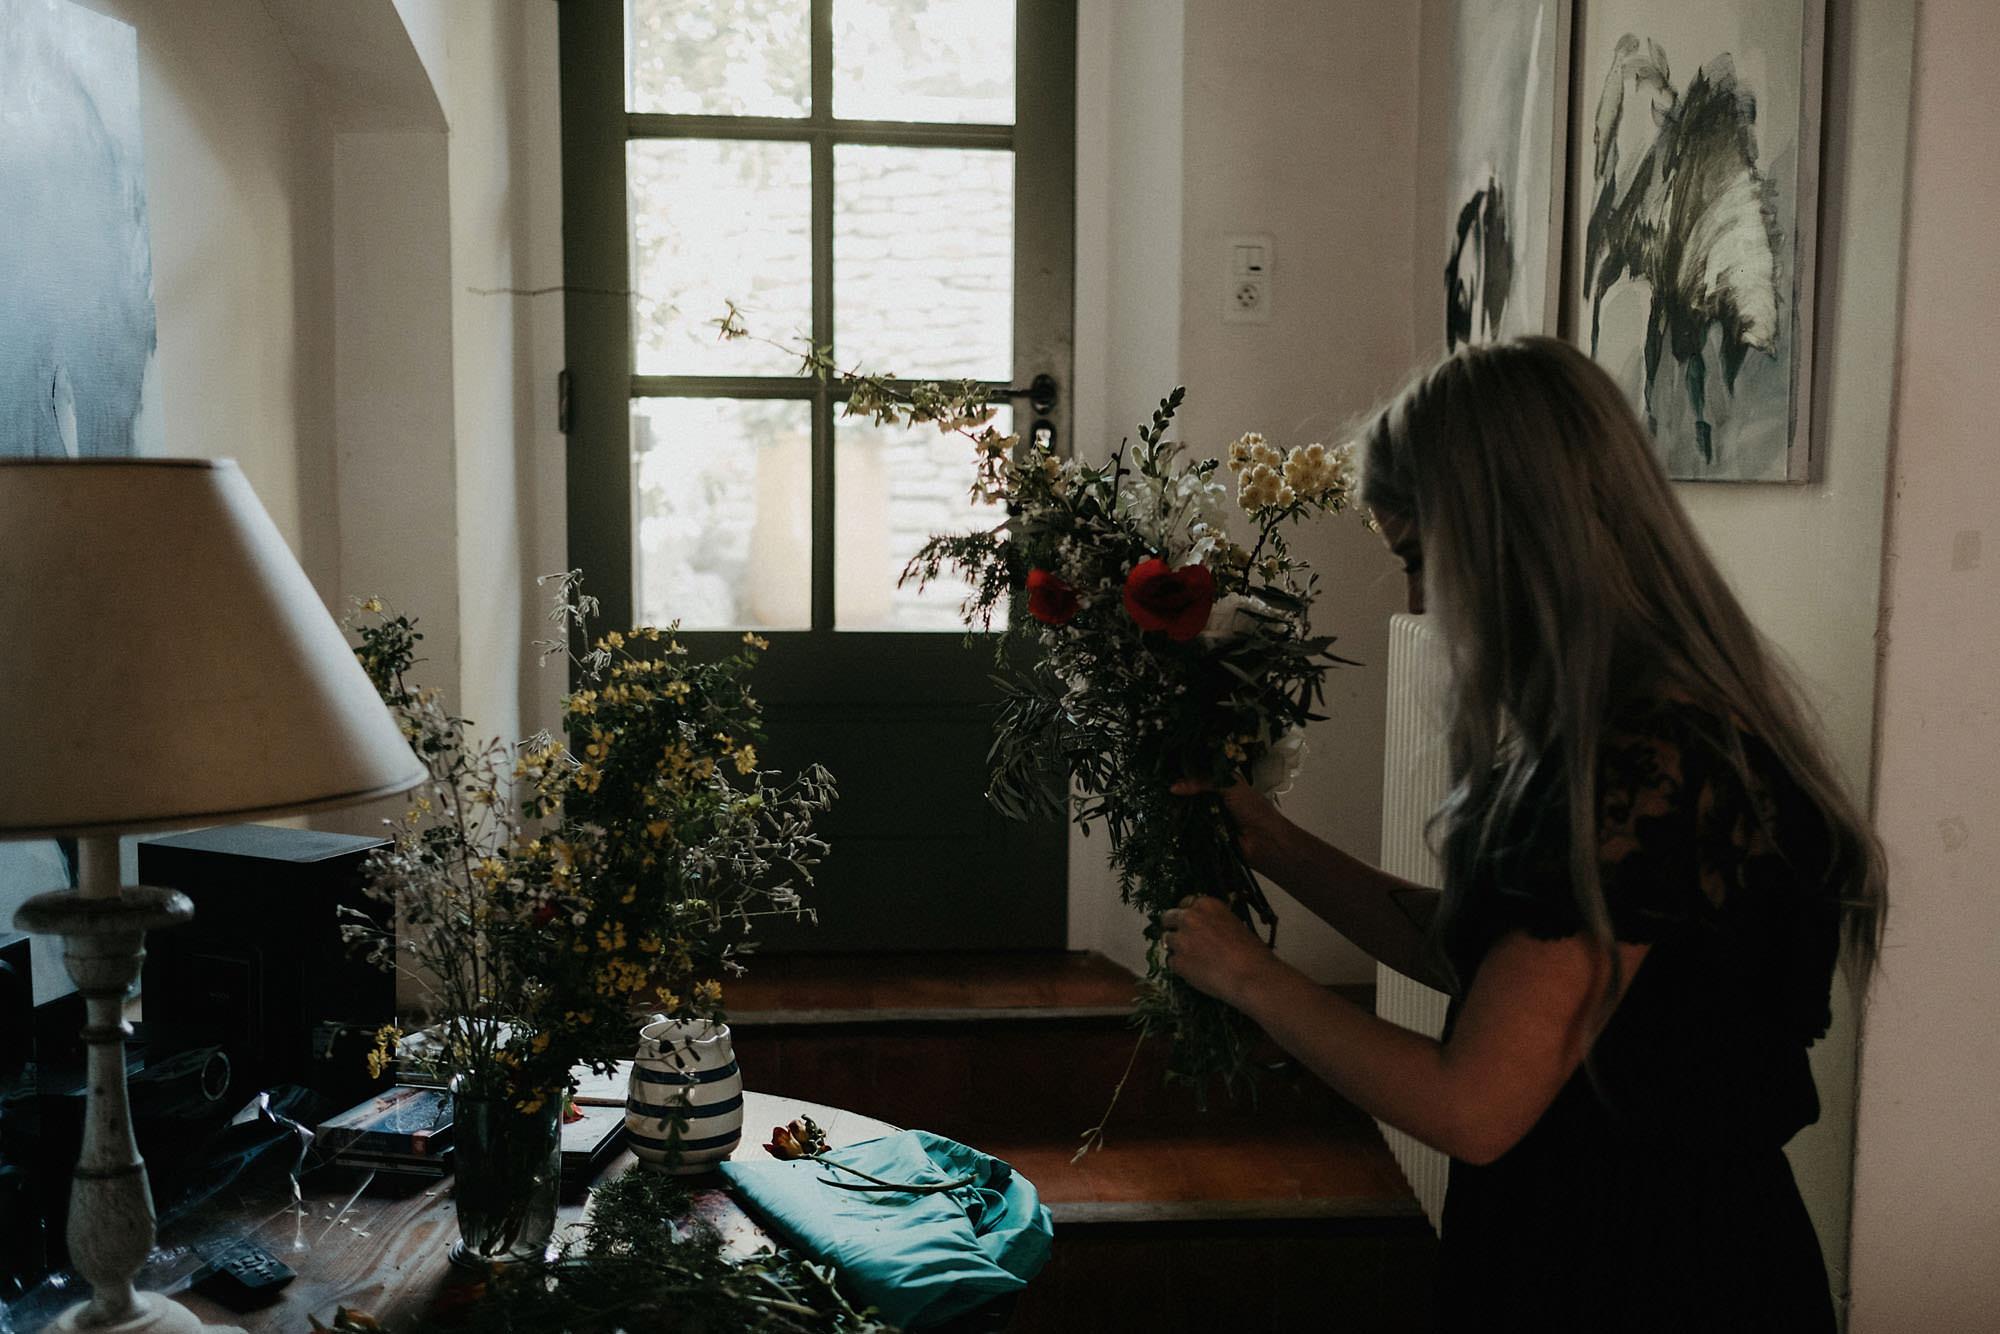 goult provence france elopement bouquet flowers photo